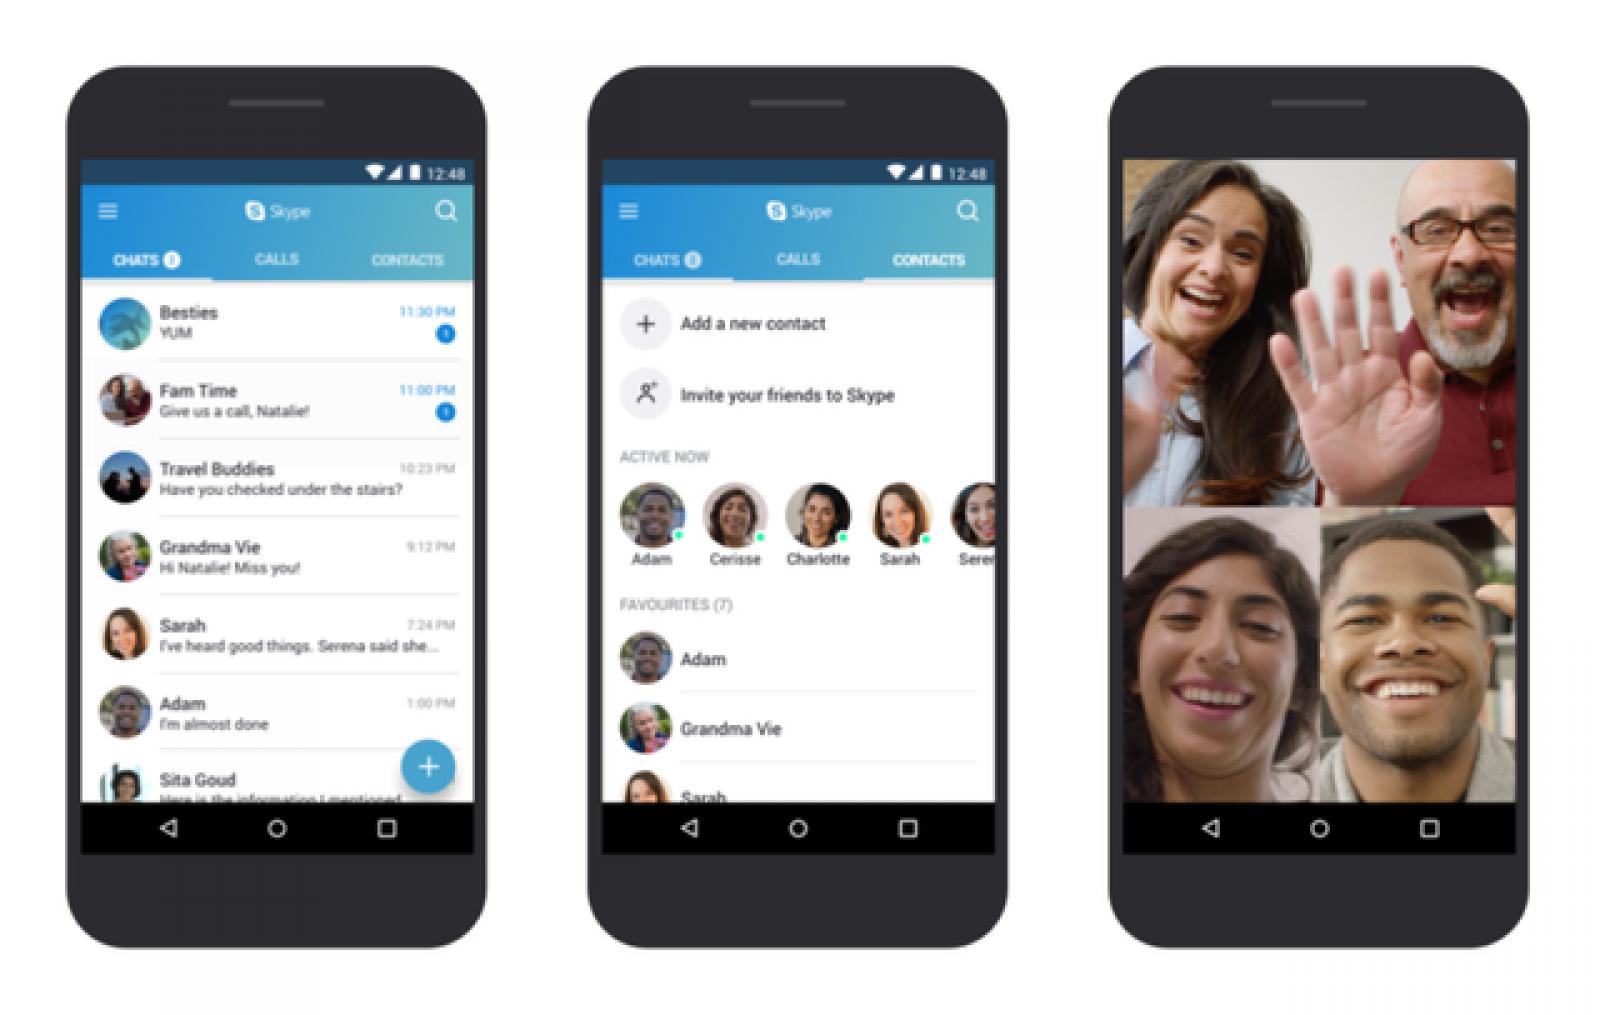 Aplicaţia Skype va avea şi o versiune de Android optimizată pentru telefoane low-end